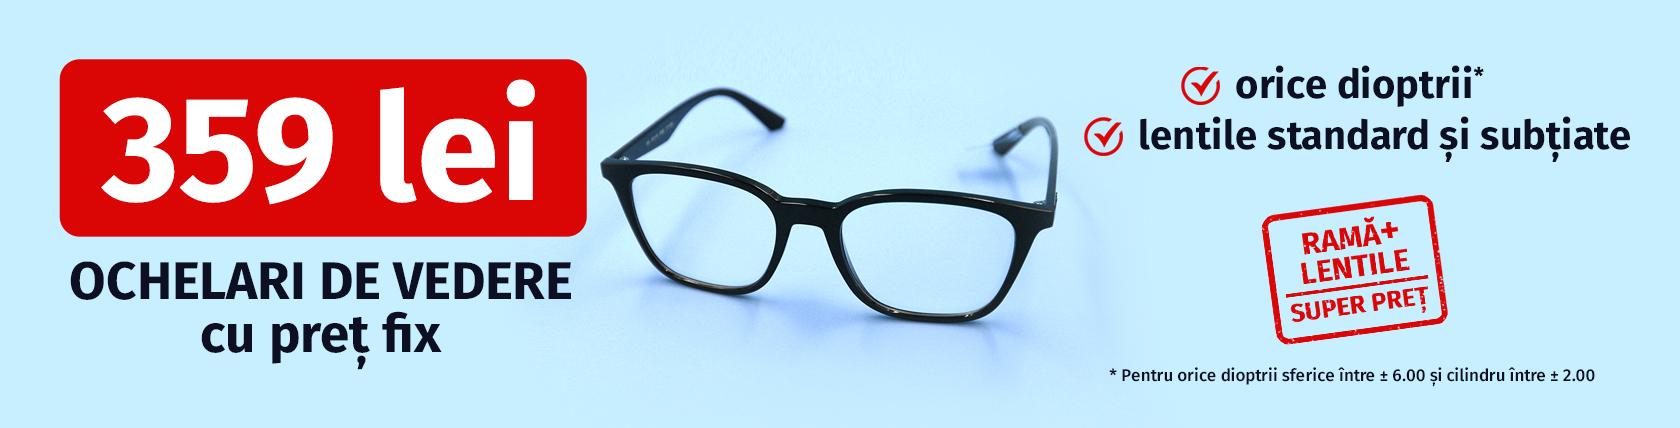 Ochelari de vedere cu preț fix: 359 lei